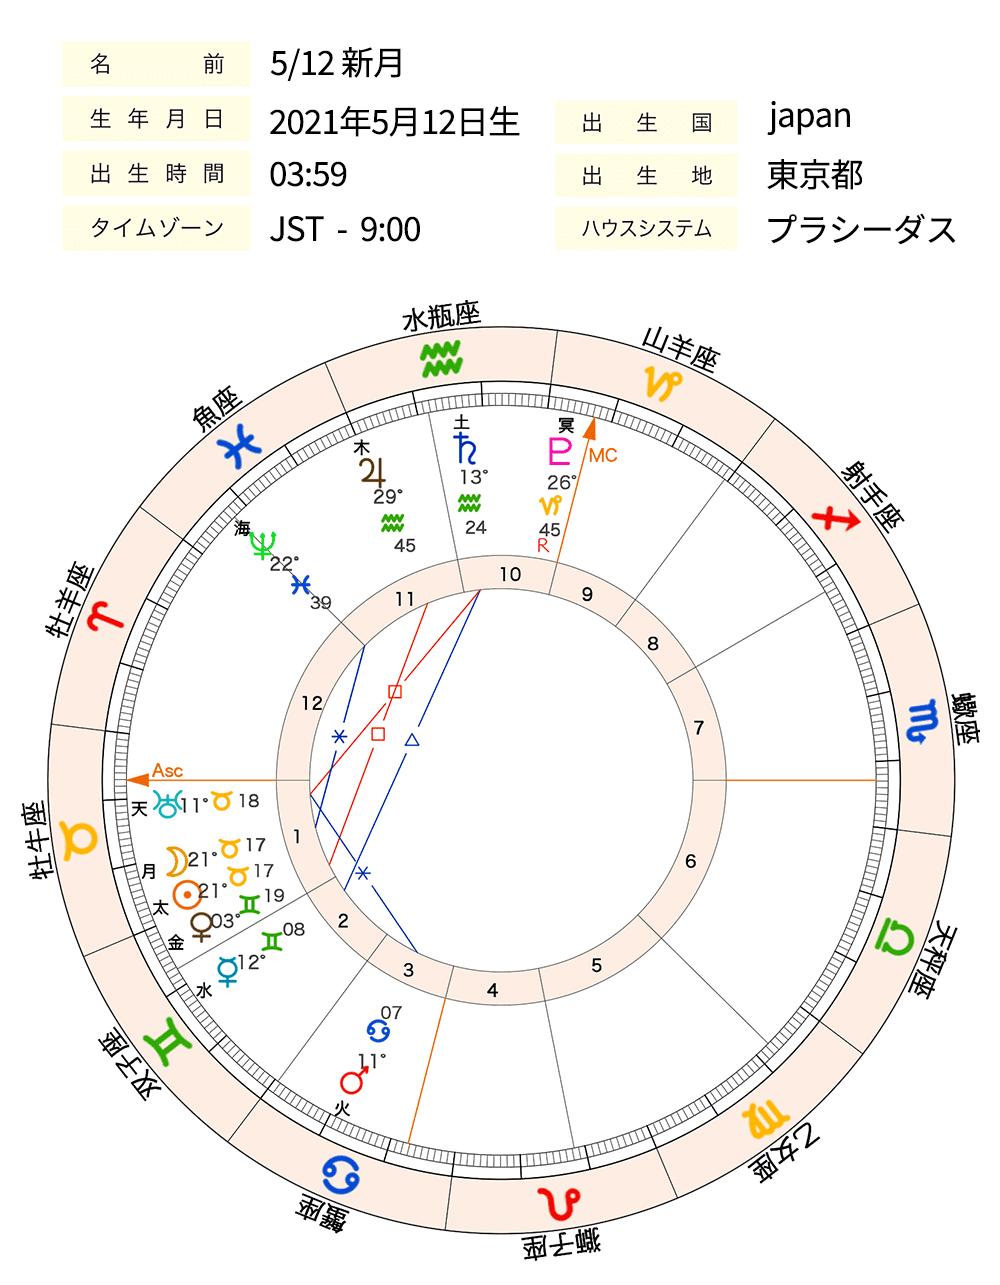 画像1_0512新月chart